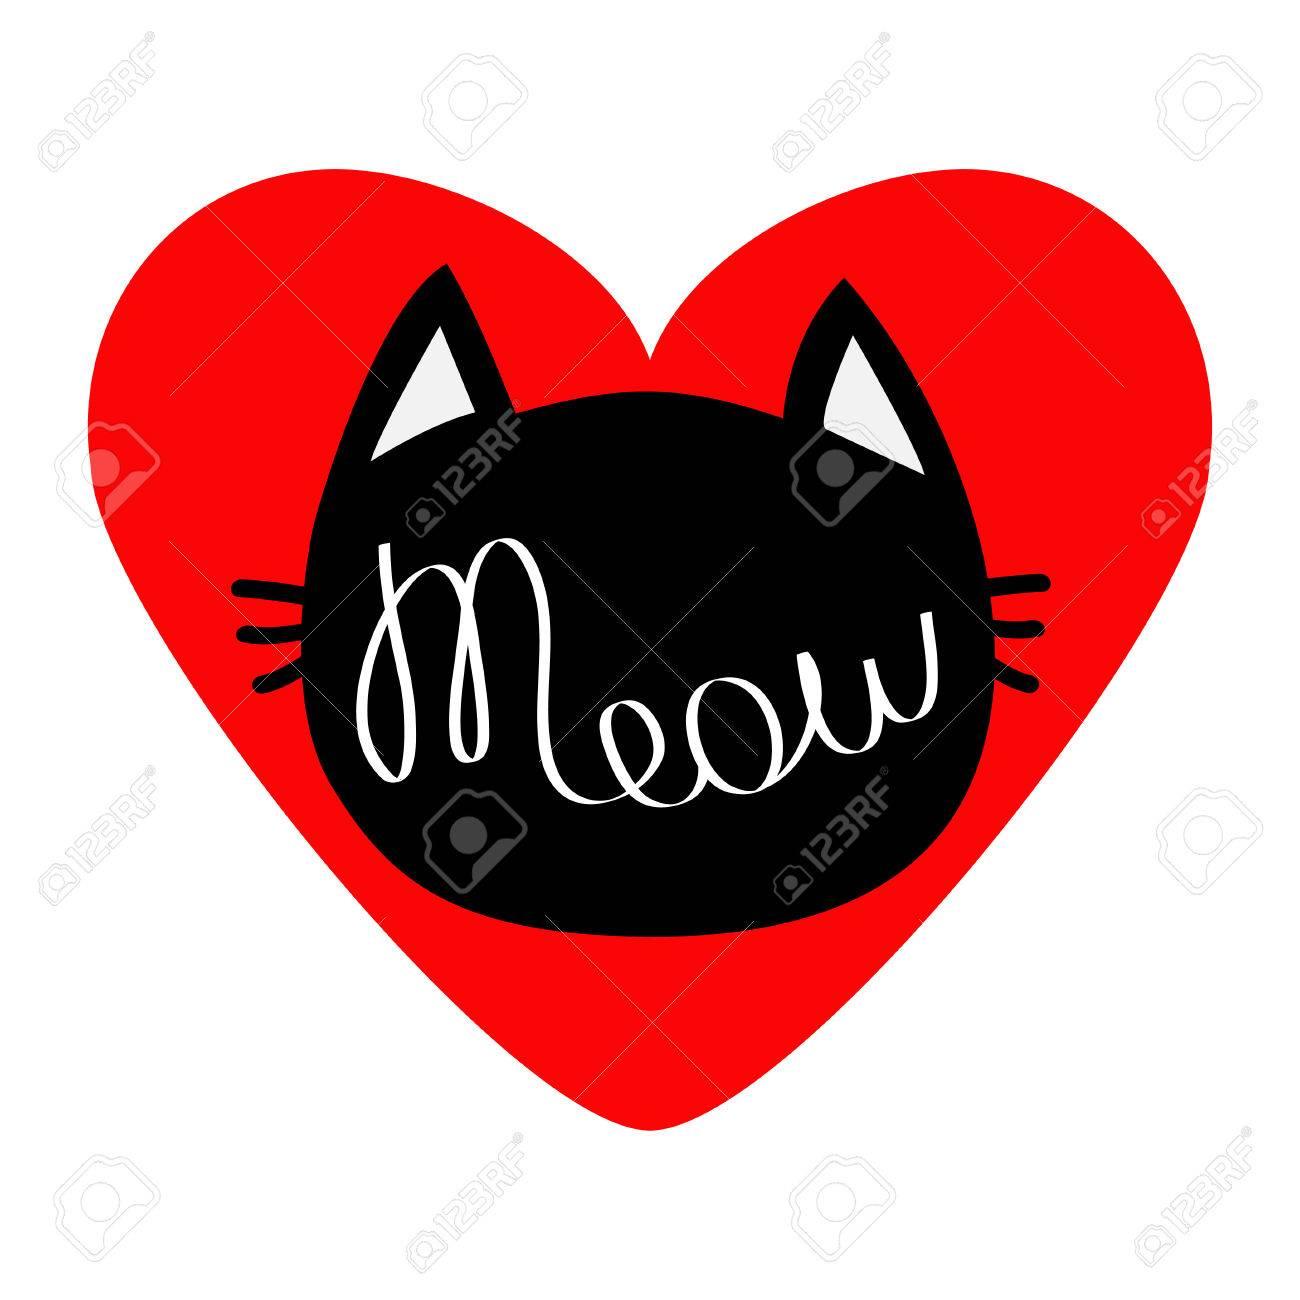 Forme De Silhouette De Tete De Chat Noir Miaou Texte De Lettrage